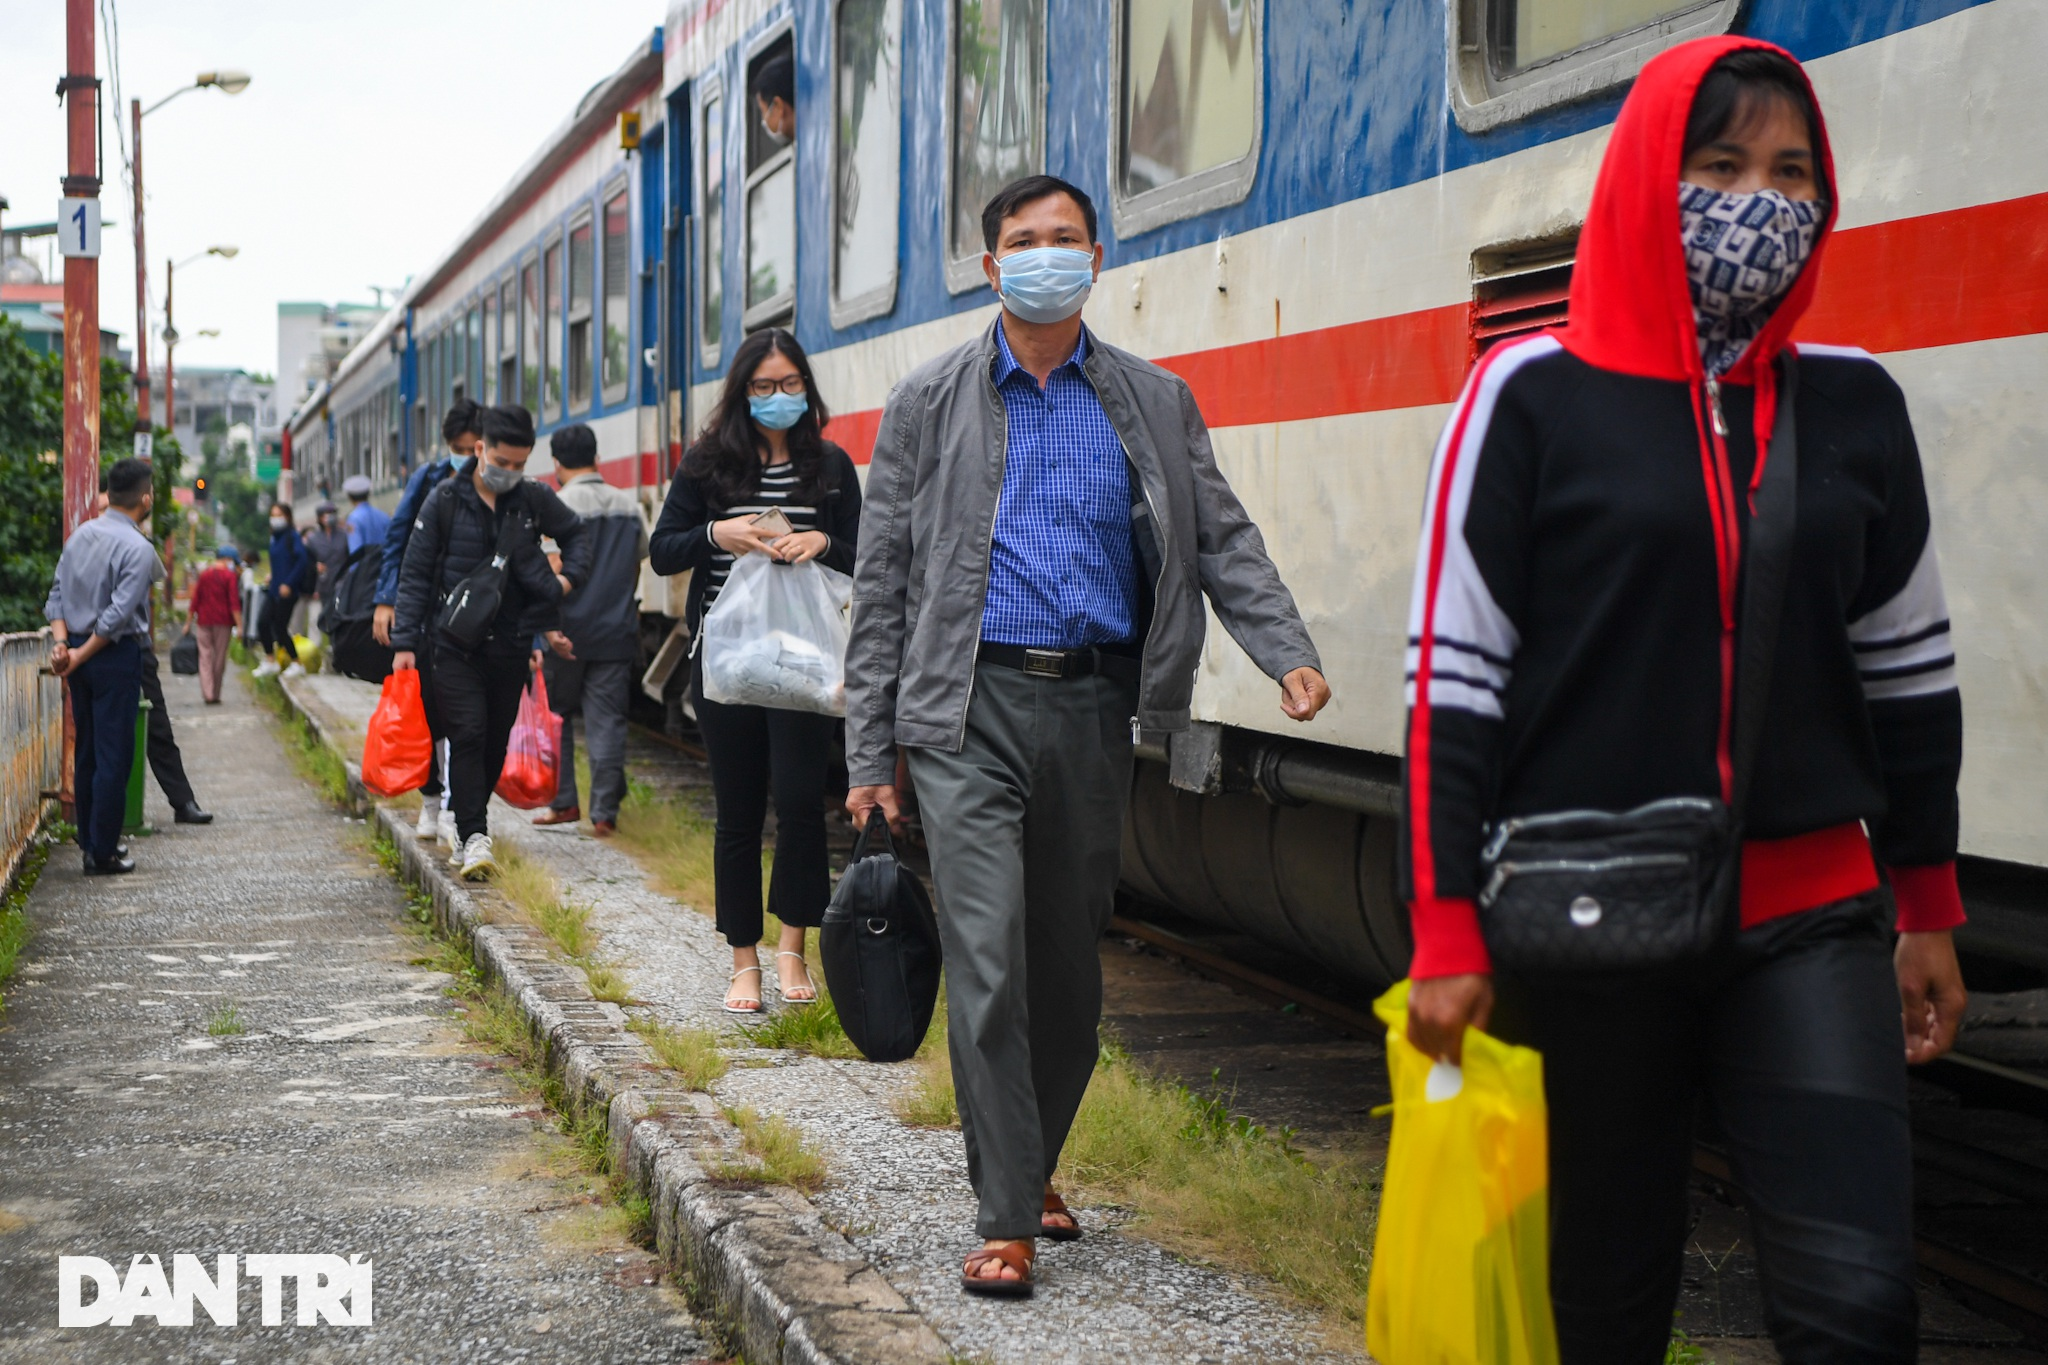 Hà Nội đón chuyến tàu khách đầu tiên đến từ Hải Phòng sau giãn cách - 10